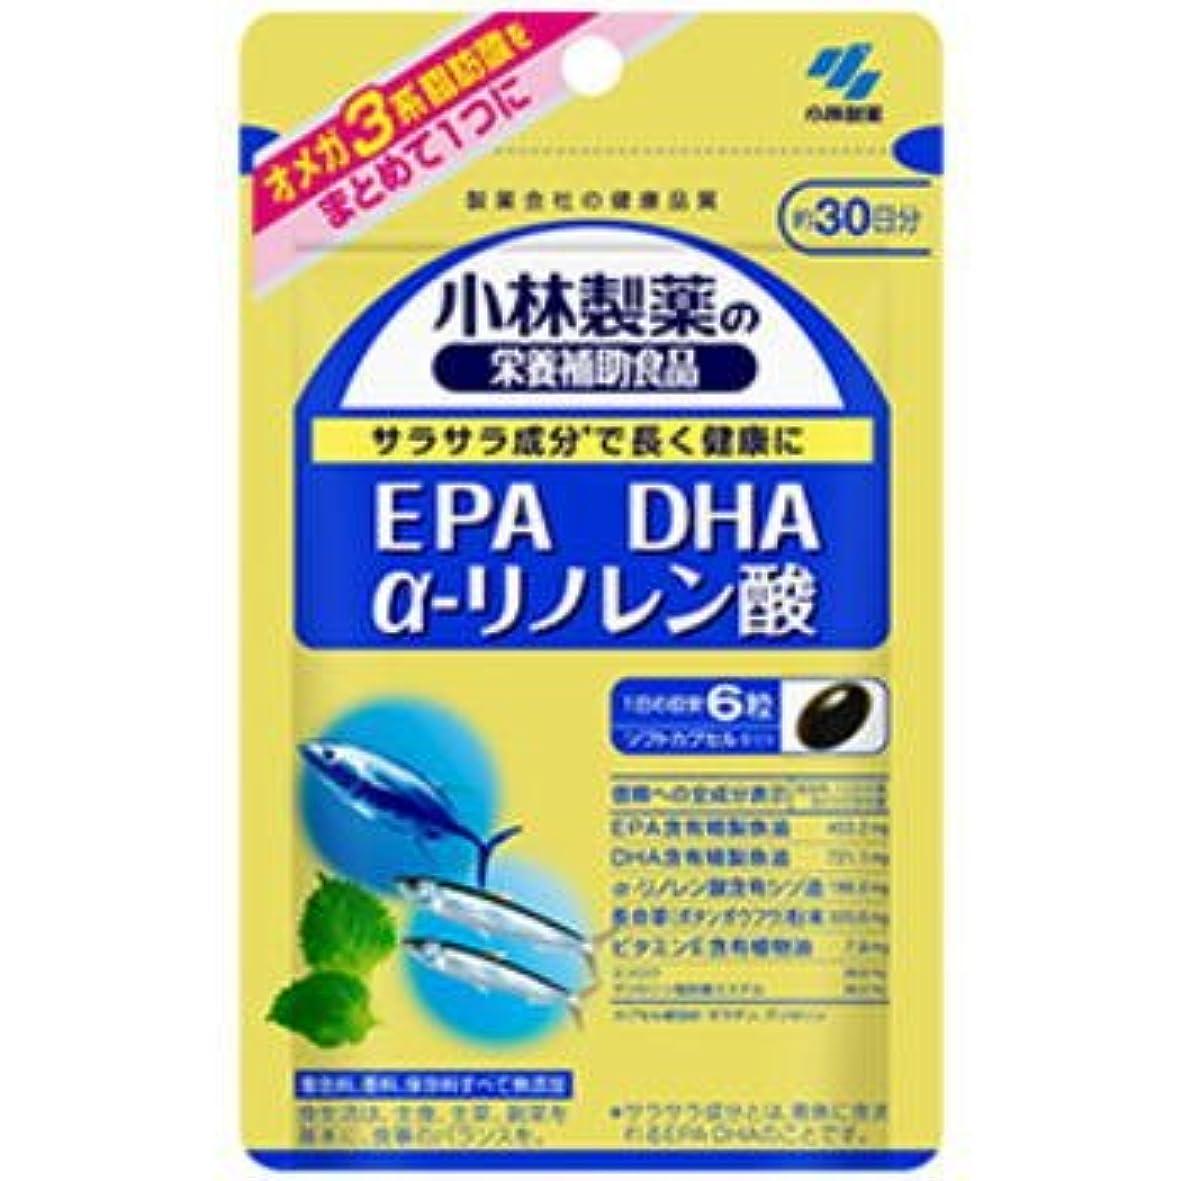 うそつき兄弟愛シチリア小林製薬 EPA DHA α-リノレン酸 180粒×3個セット【ネコポス発送】